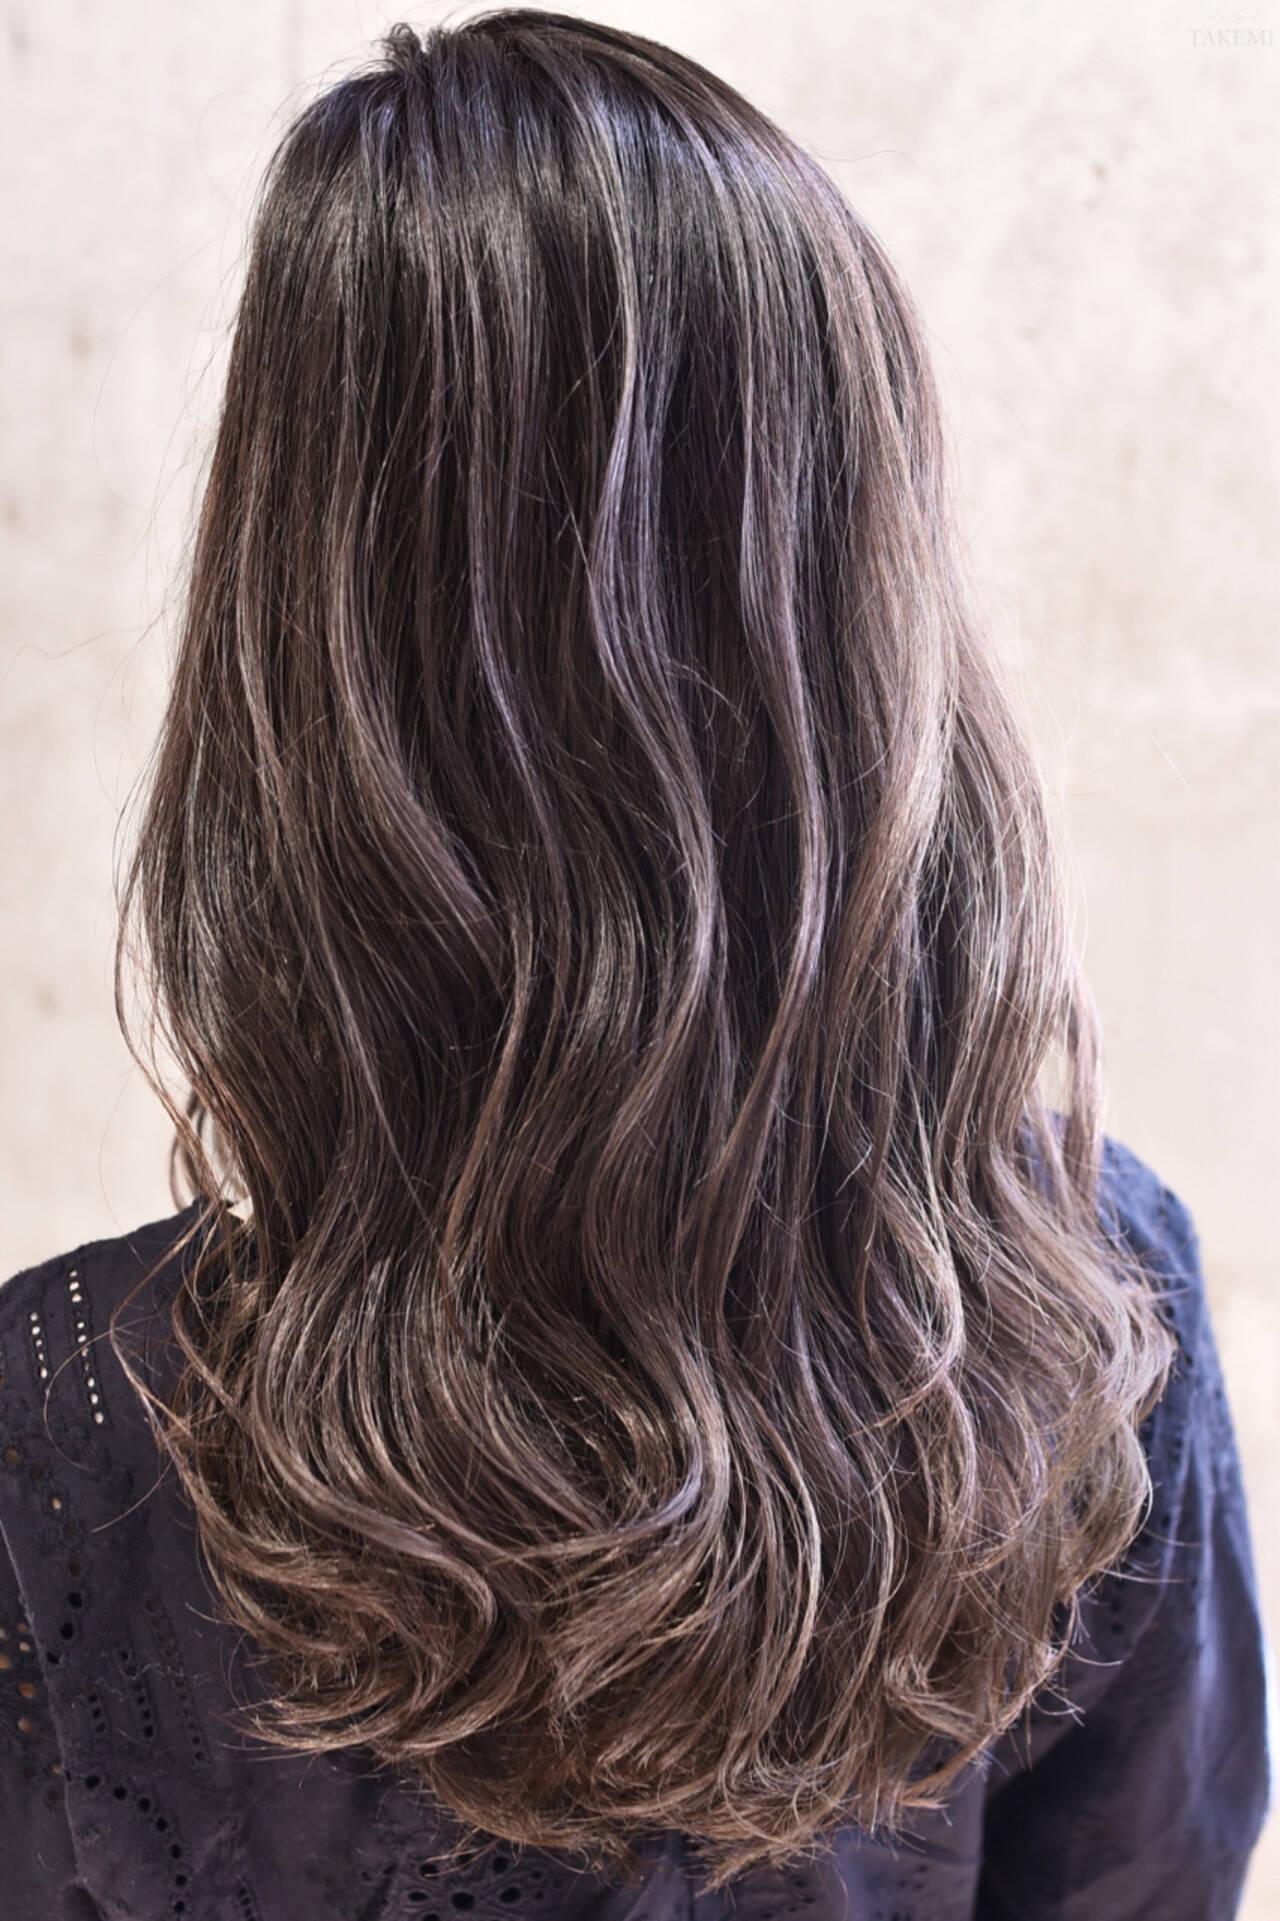 セミロング ハイライト ダブルカラー バレイヤージュヘアスタイルや髪型の写真・画像